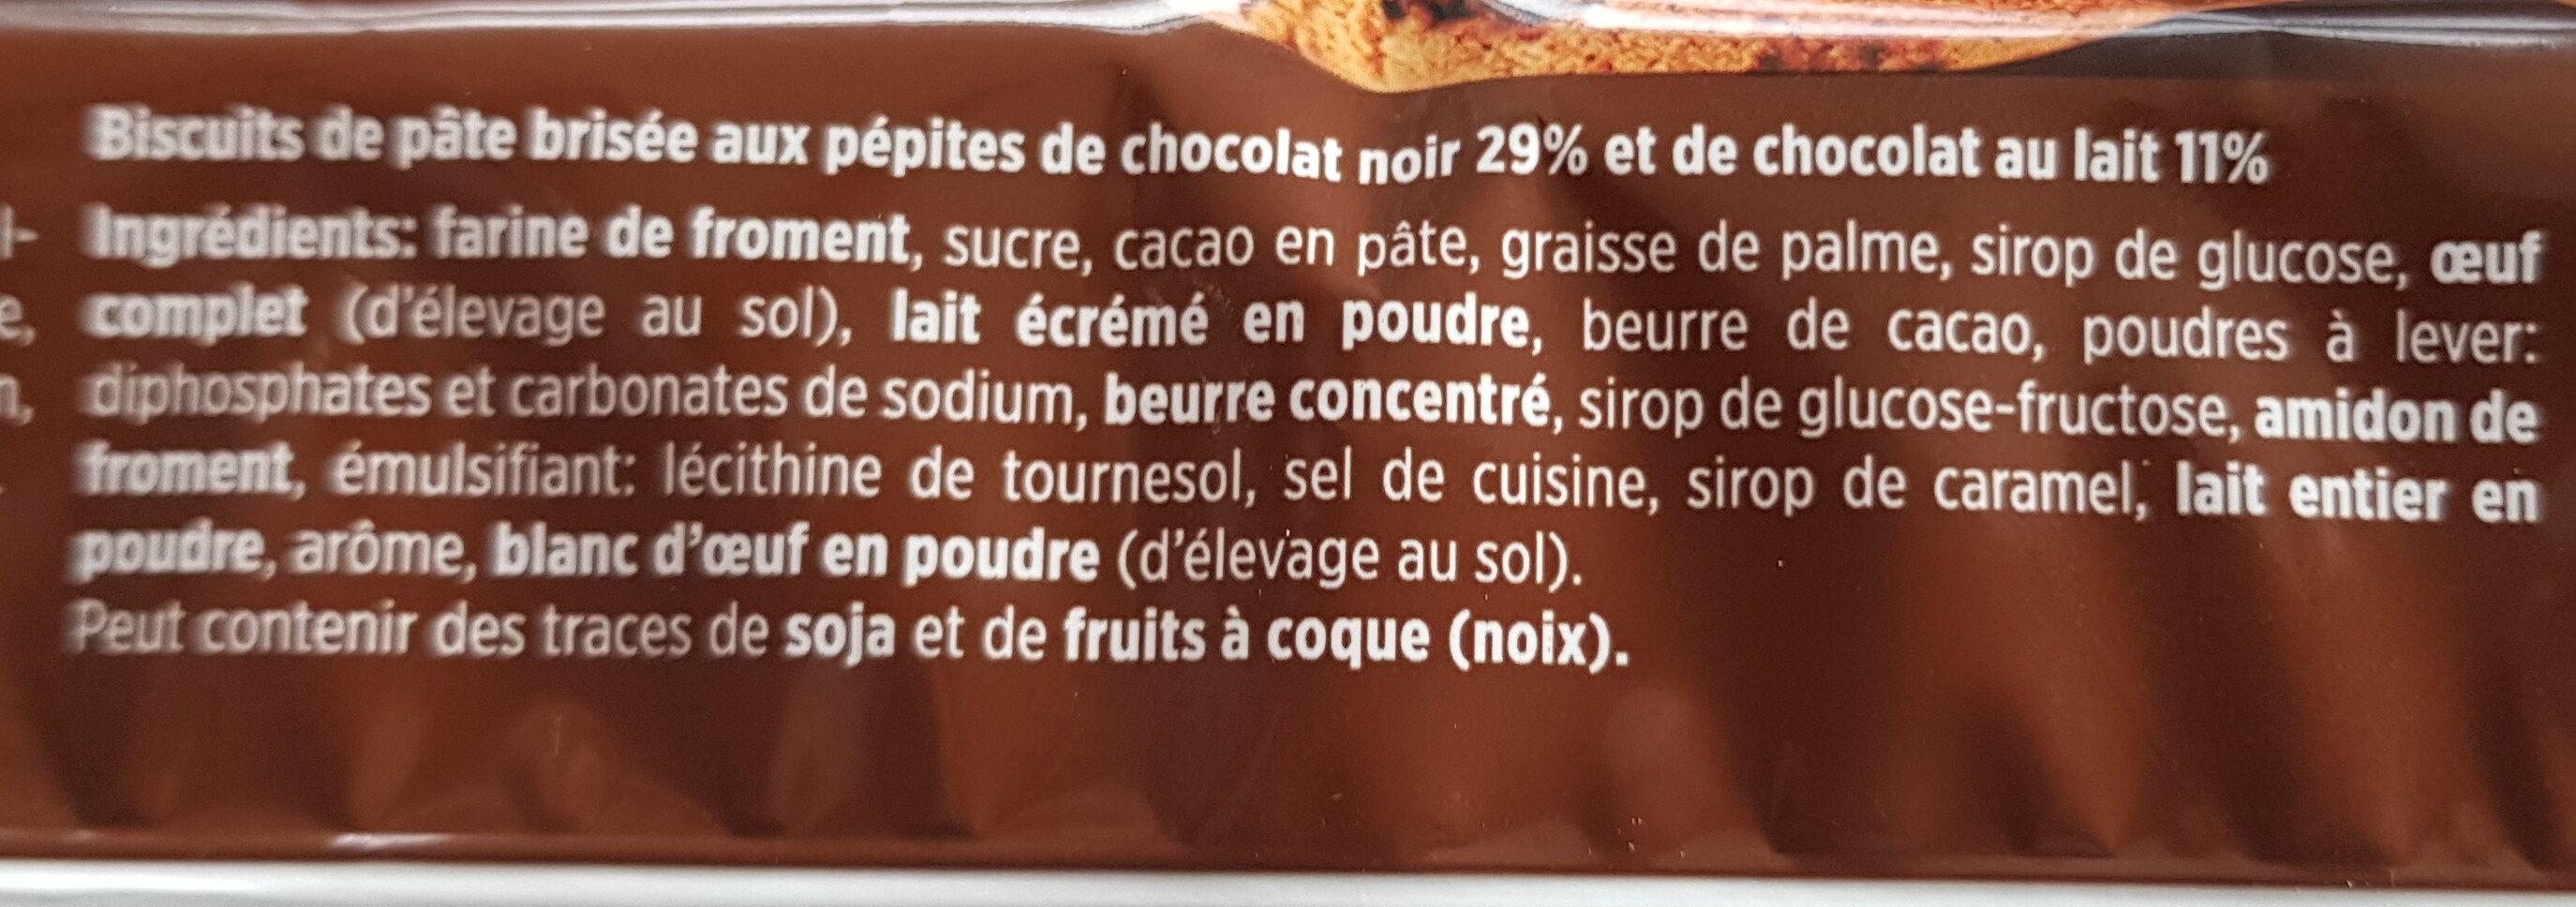 Chocolate Cookies - Ingredients - fr